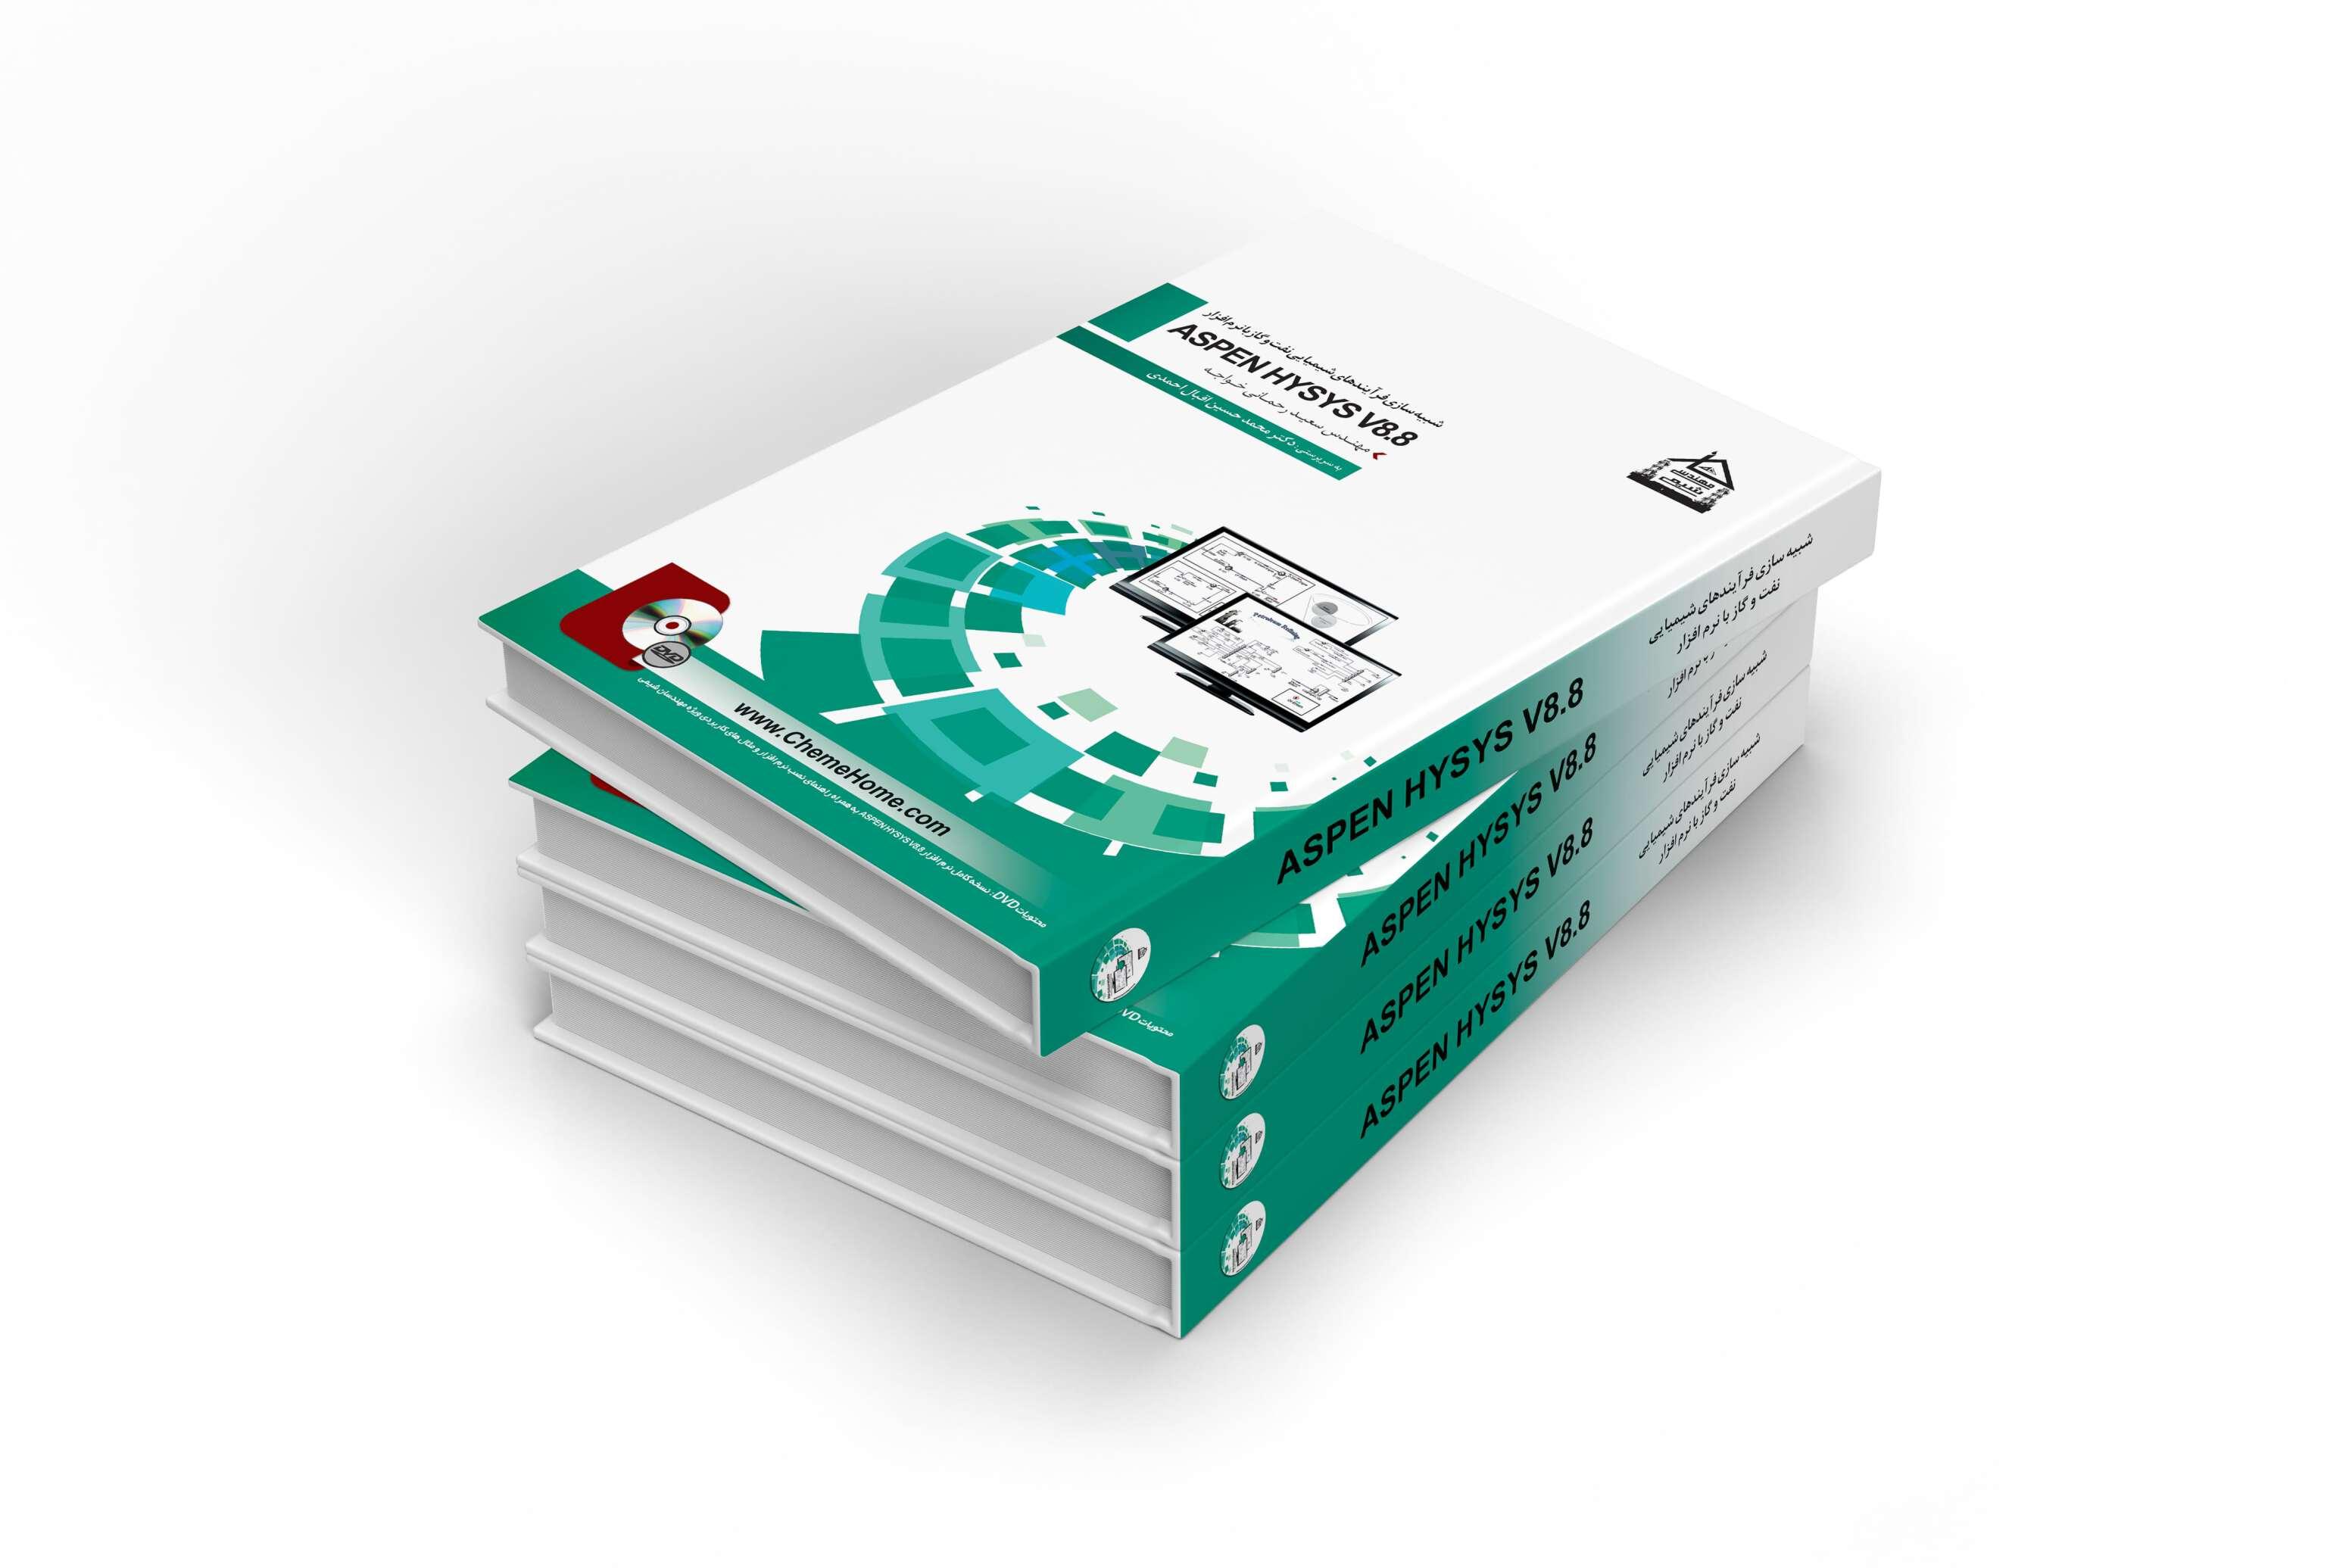 کتاب شبیه سازی فرآیند های شیمیایی با HYSYS